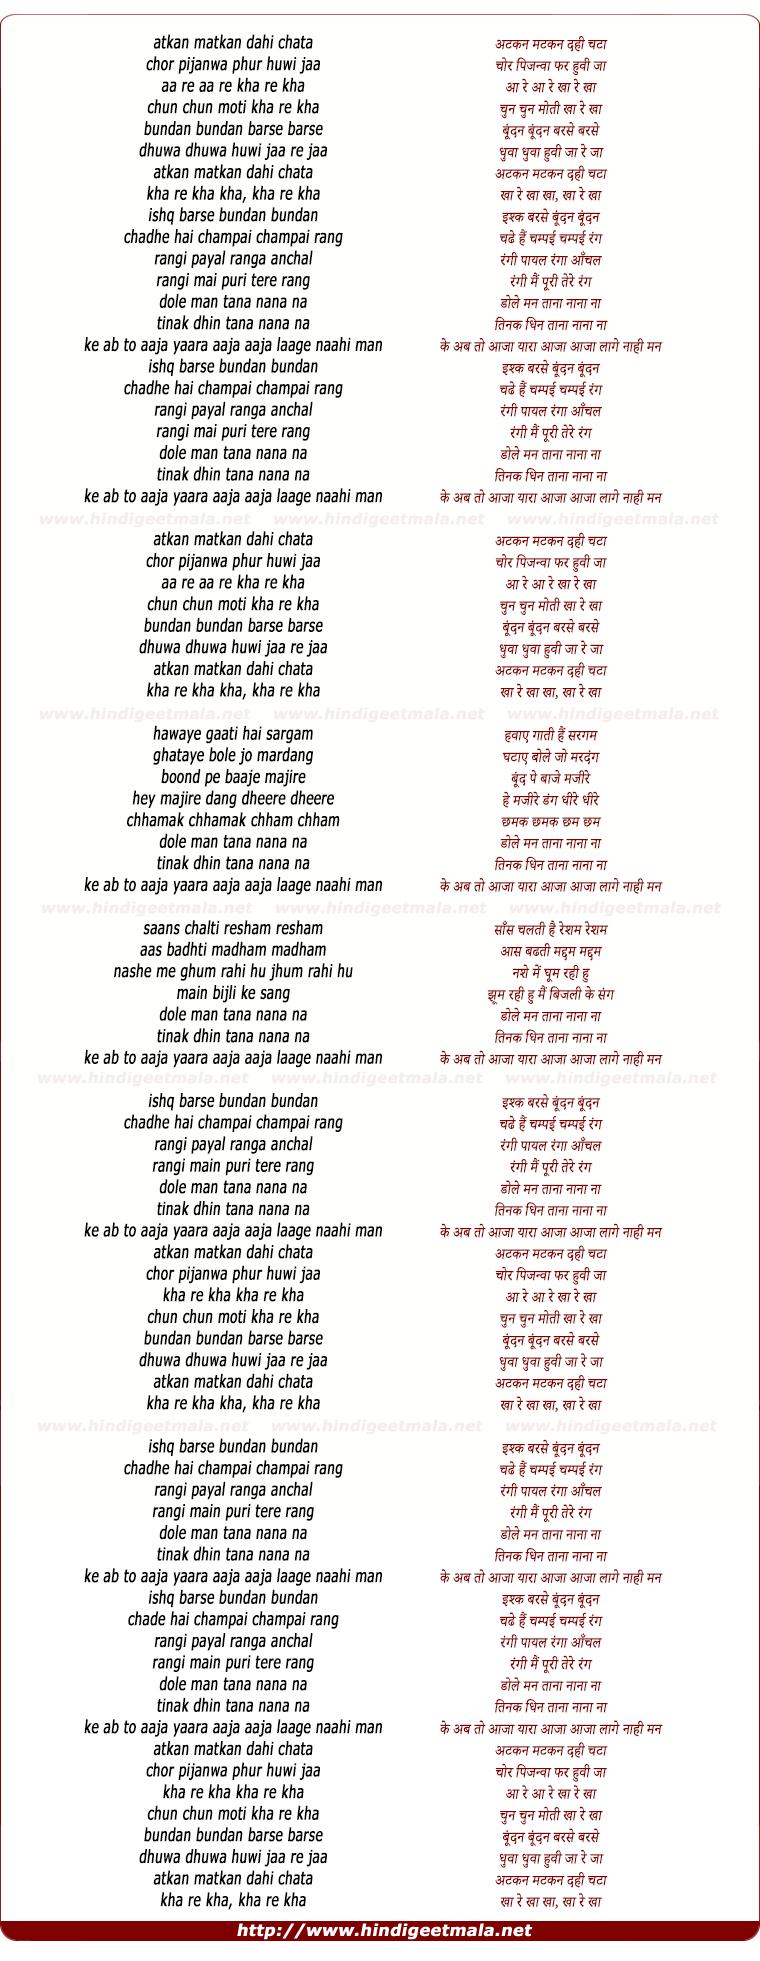 lyrics of song Ishq Barse Boondan Boondan